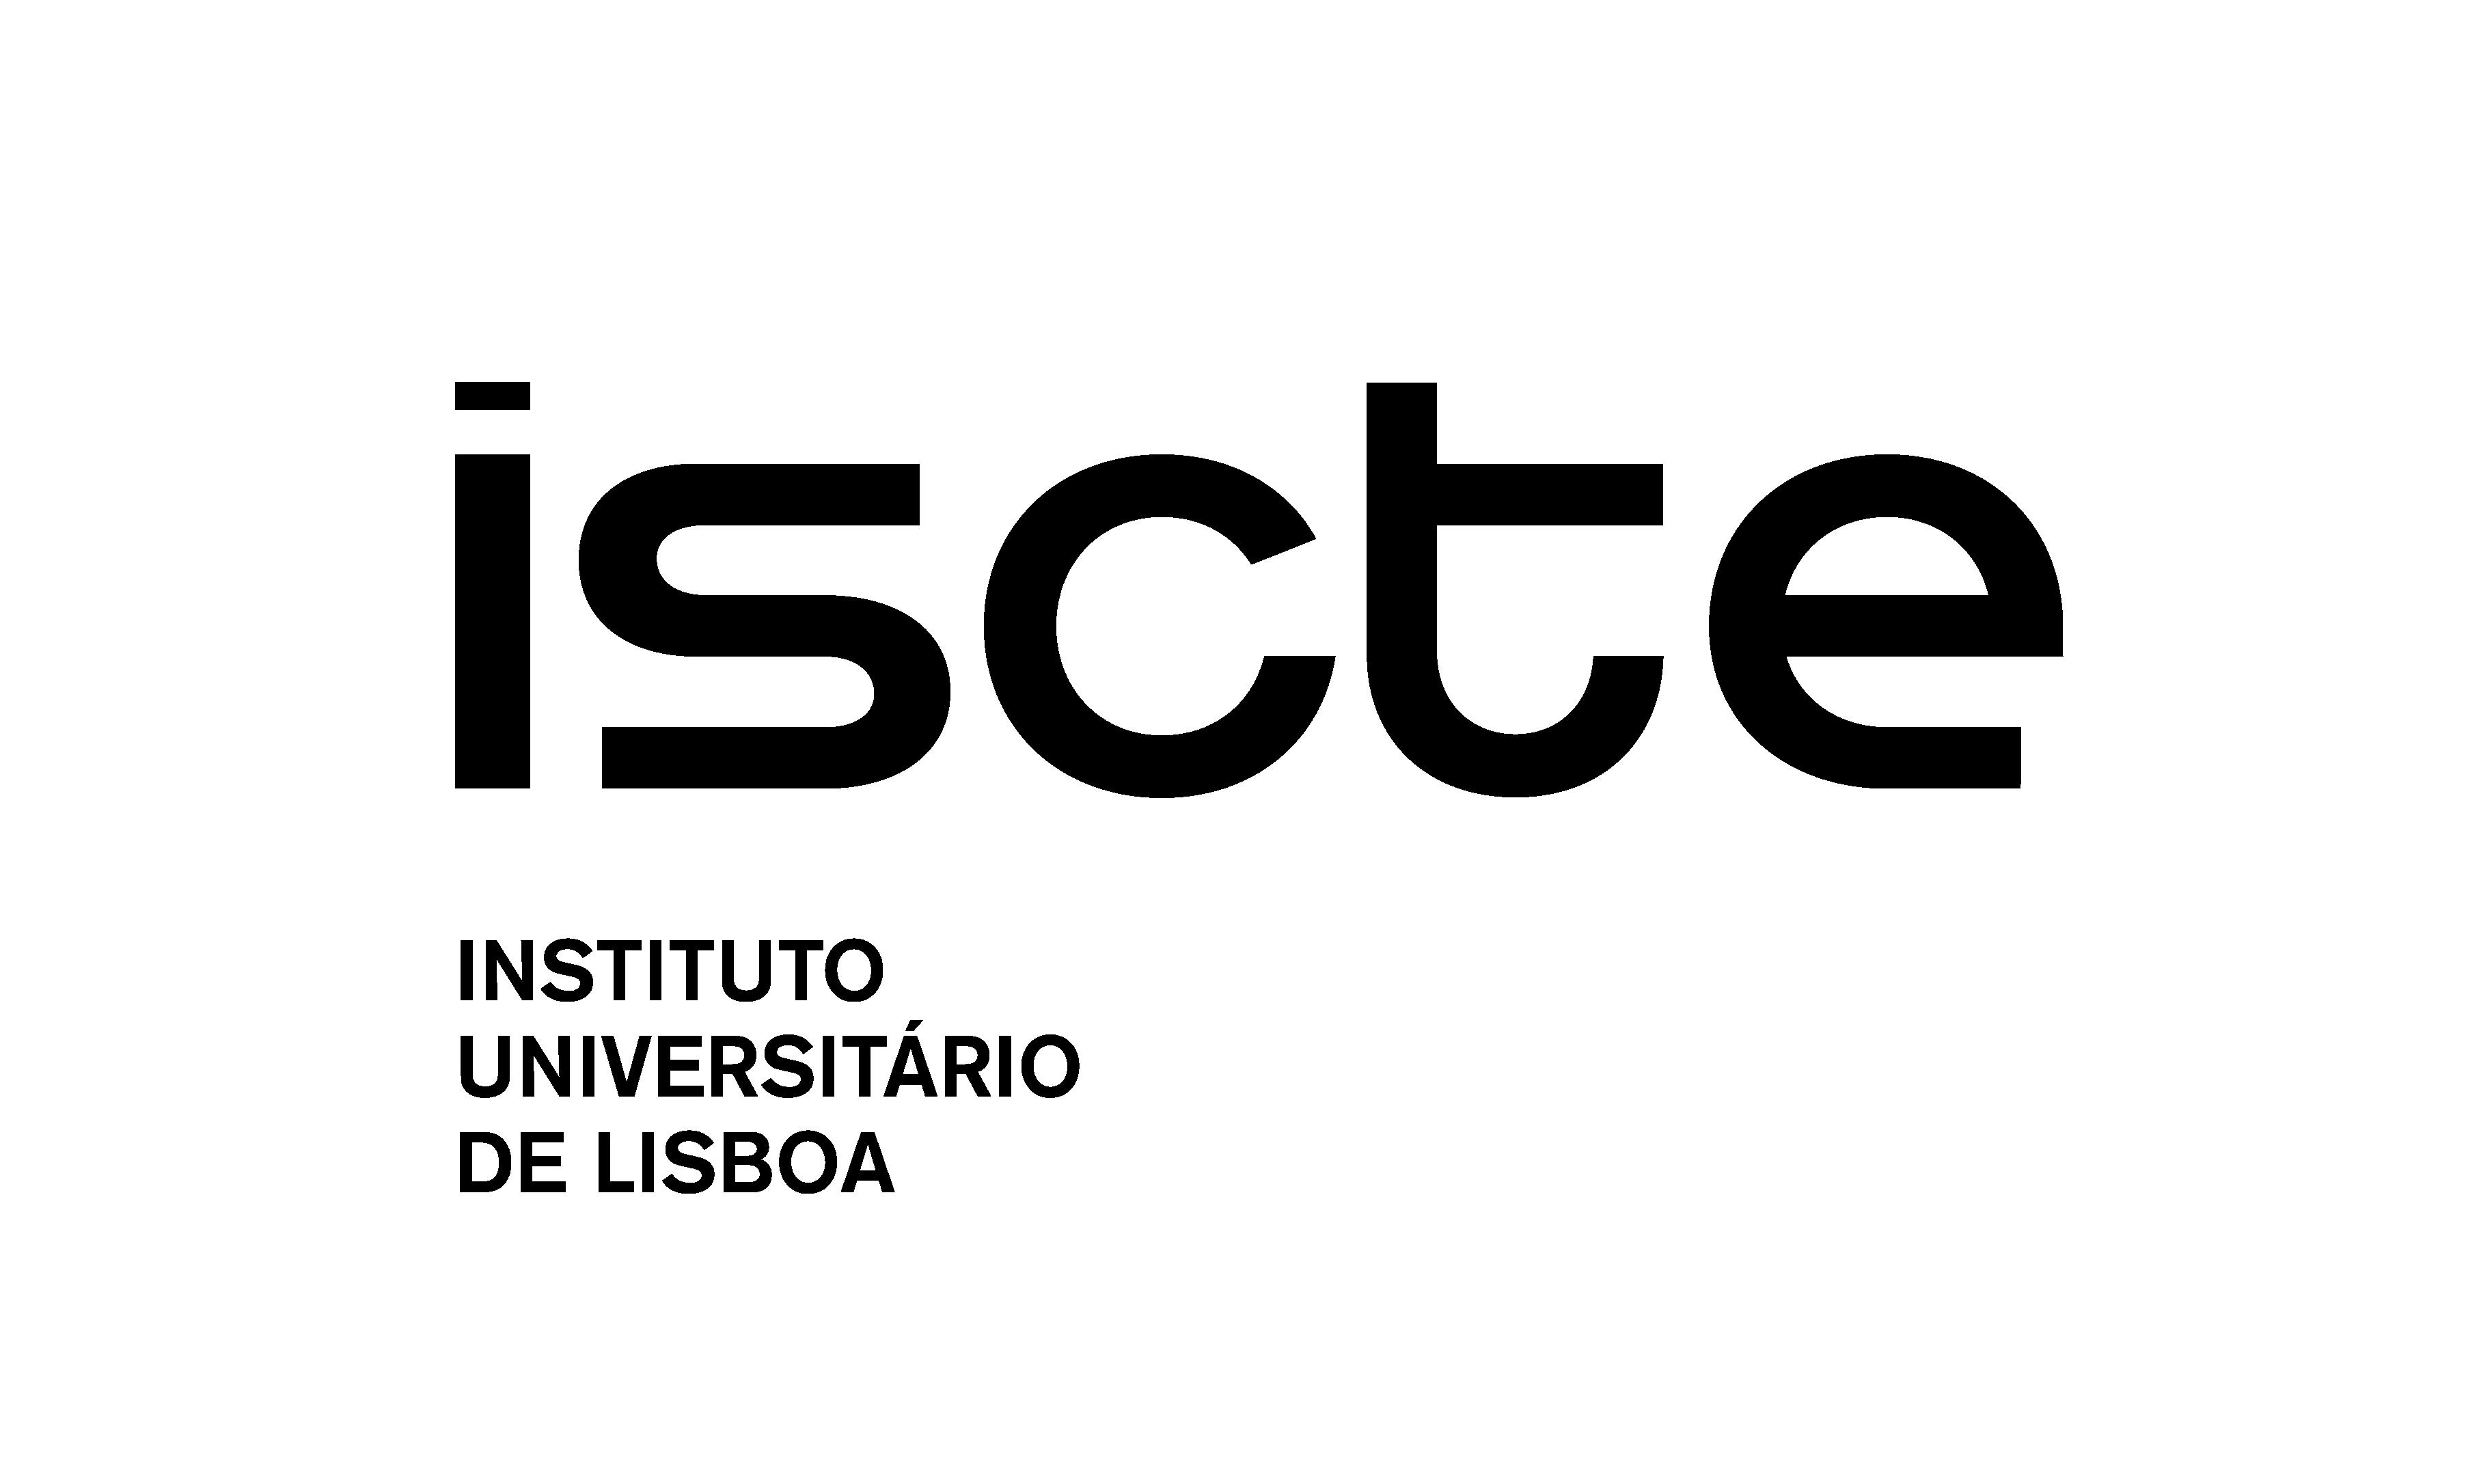 logo_iscte_hor_pt_pos